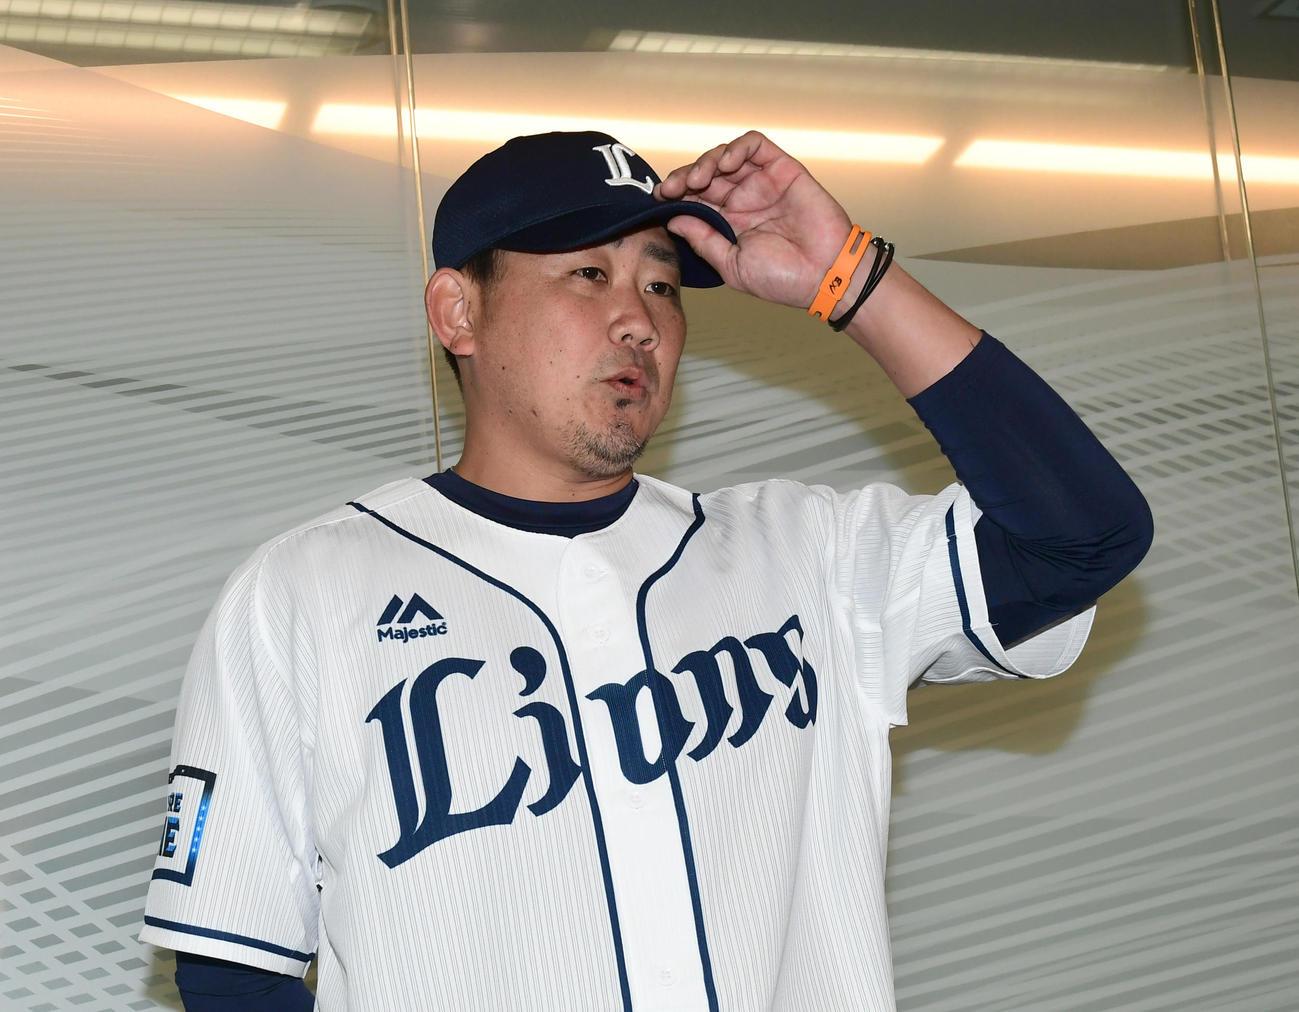 出陣式を前に、囲み会見した松坂大輔投手は、14年ぶりの球団の変わりようを話した(撮影・酒井清司)